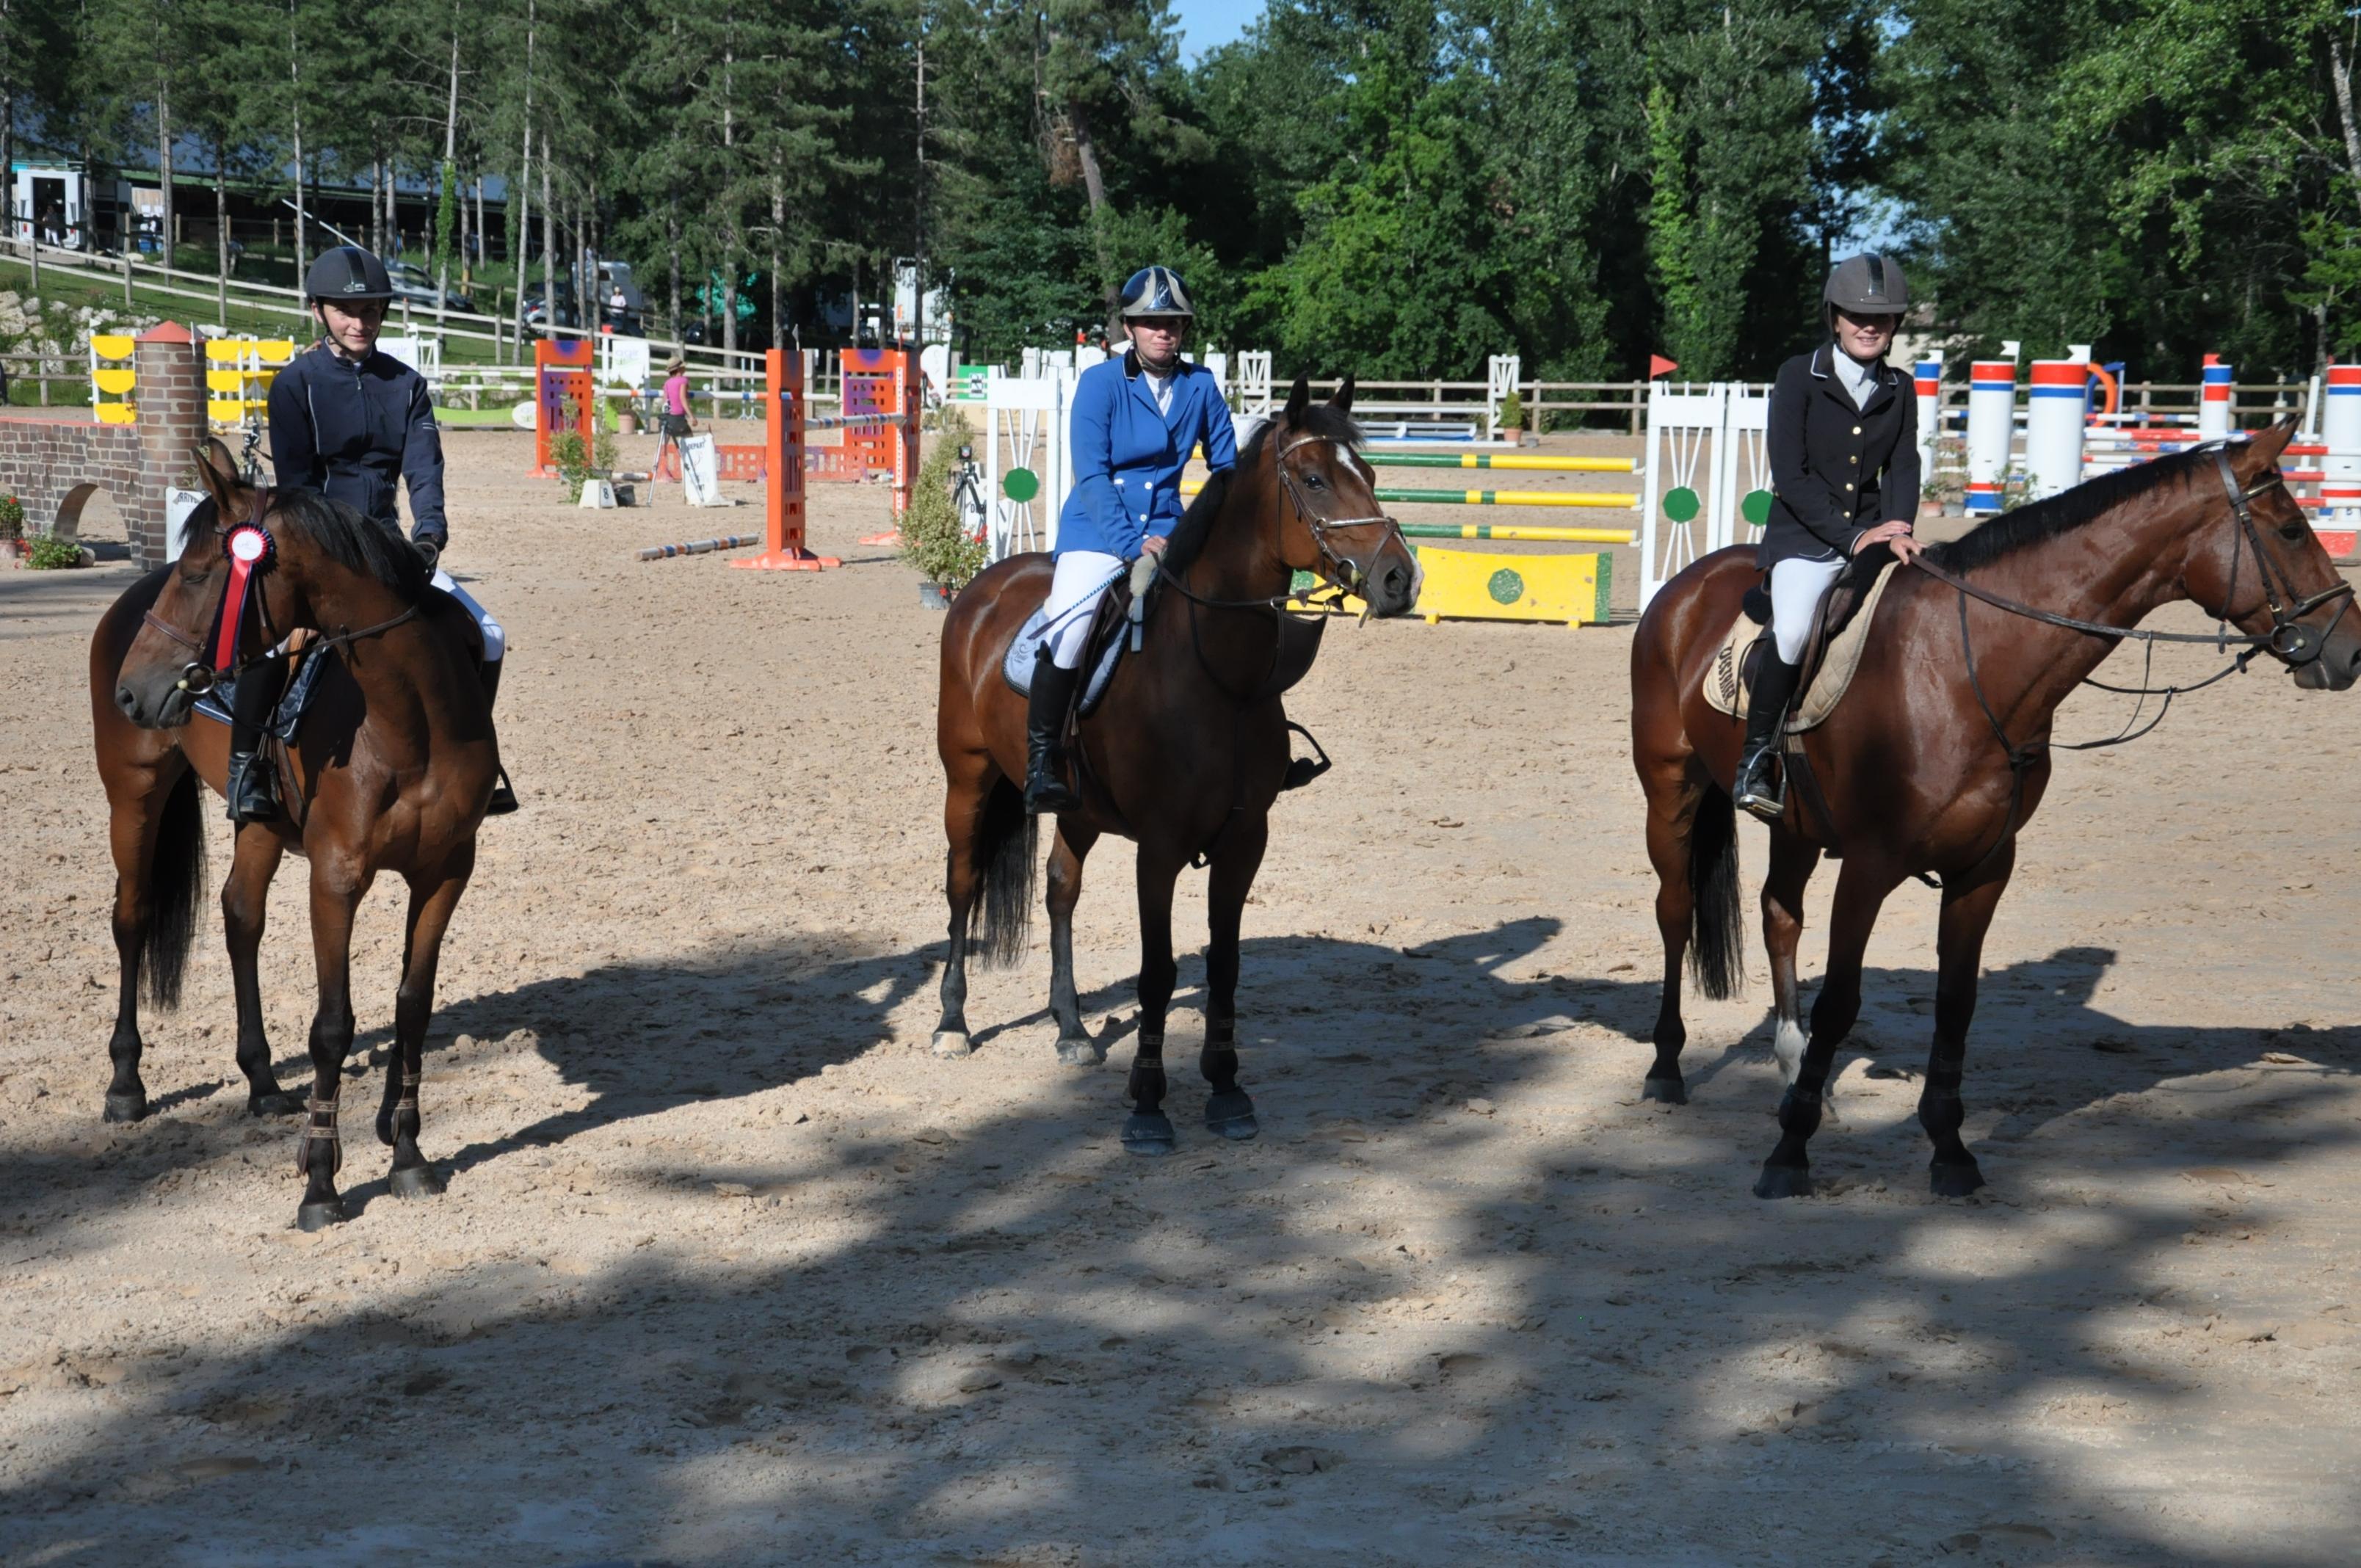 Un projet de centre d'équitation crispe particulièrement les positions. « Les chevaux seront nuisibles à l'écosystème de nos rats et de nos punaises ! » estiment certains migrants.